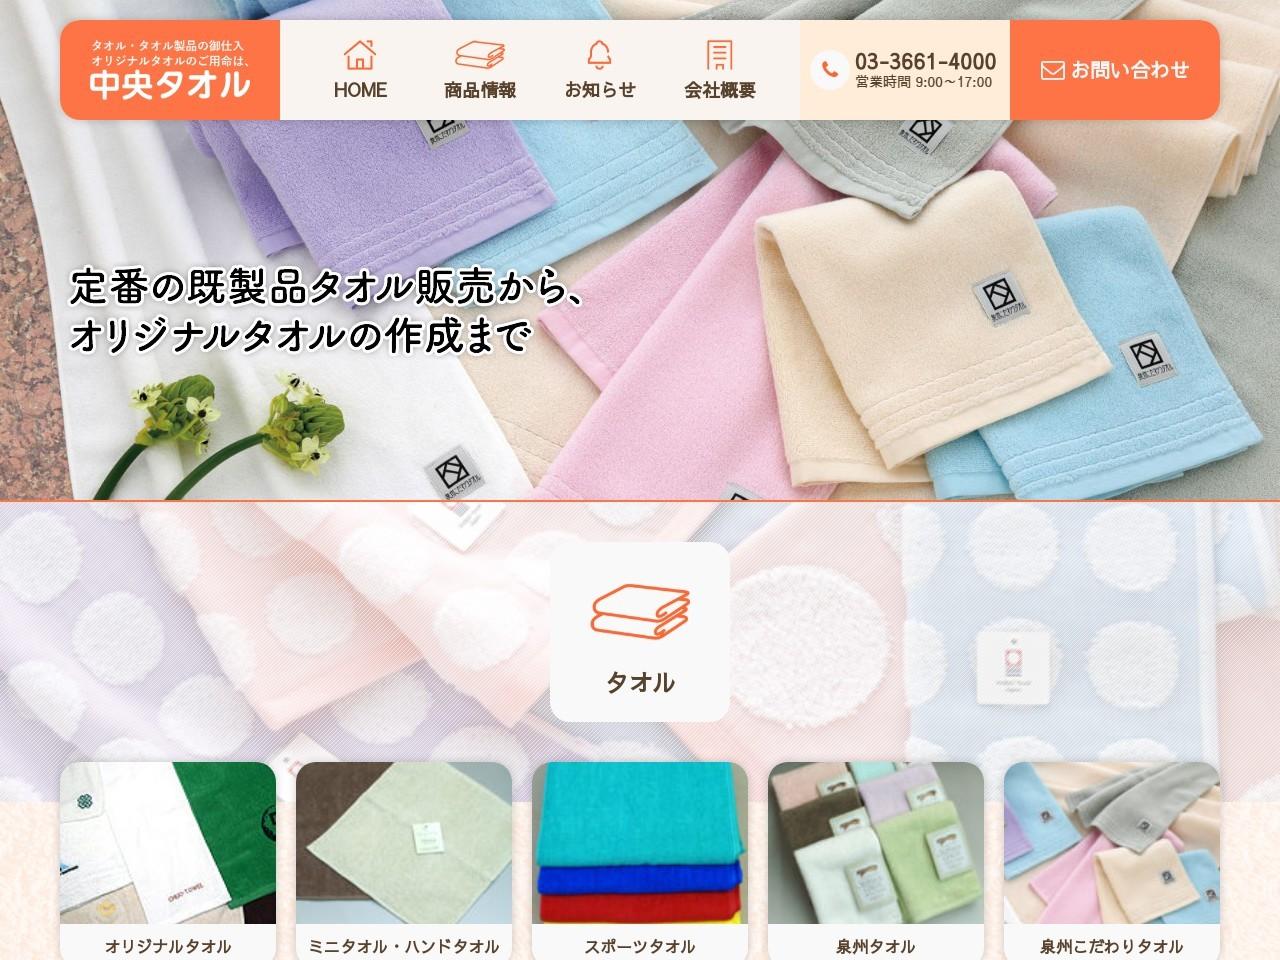 オリジナルタオル・タオルハンカチ・日本手ぬぐいの作成なら中央タオル.com